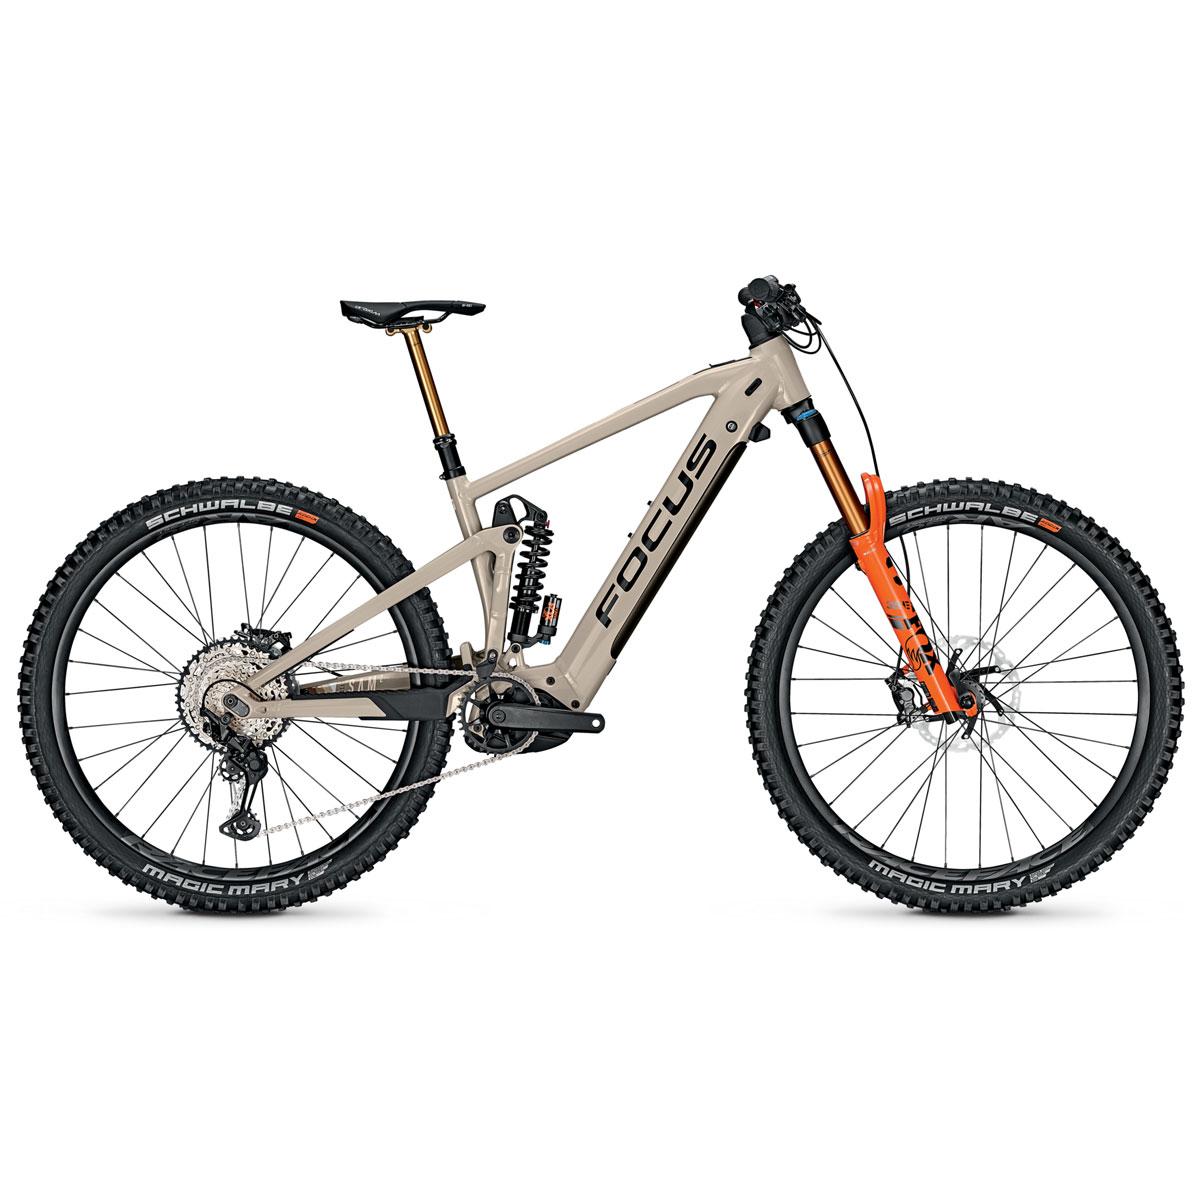 Produktbild von FOCUS SAM² 6.9 MTB E-Bike - 2021 - Milk Brown